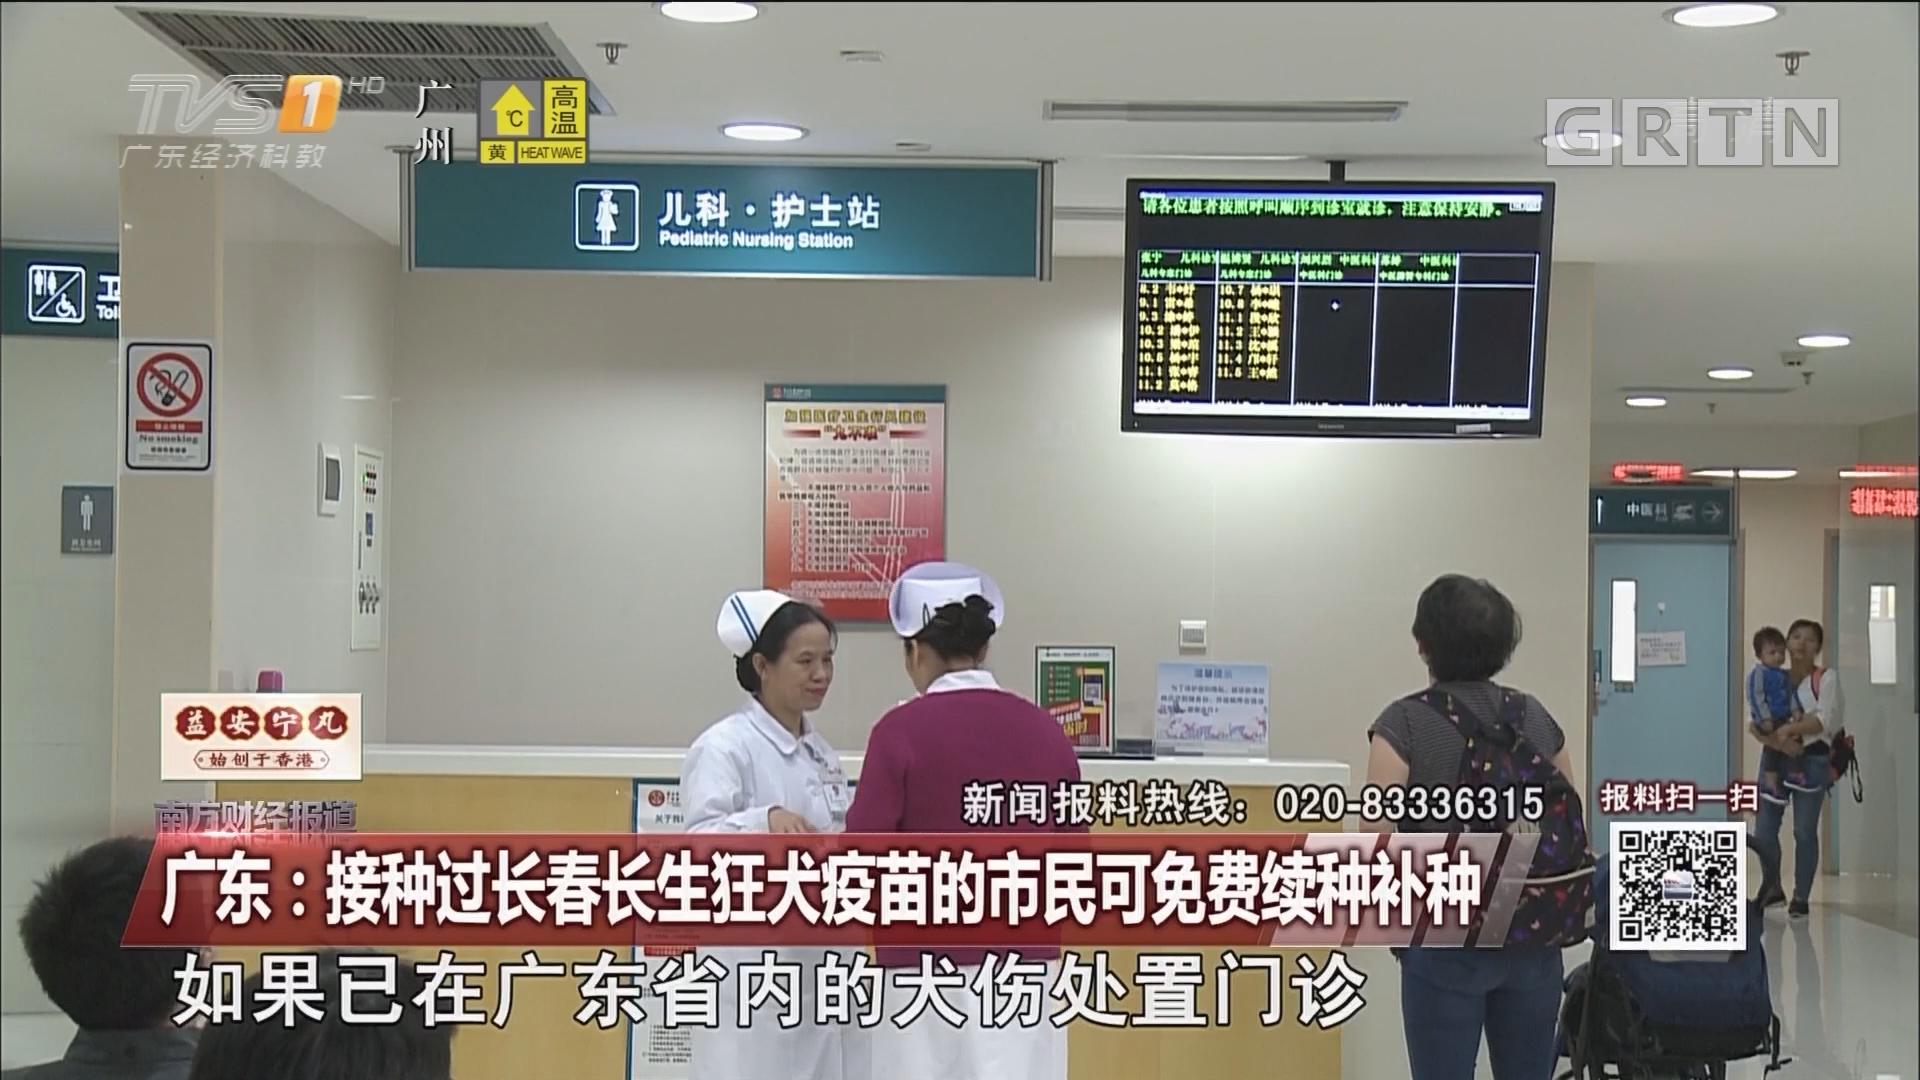 广东:接种过长春长生狂犬疫苗的市民可免费续种补种